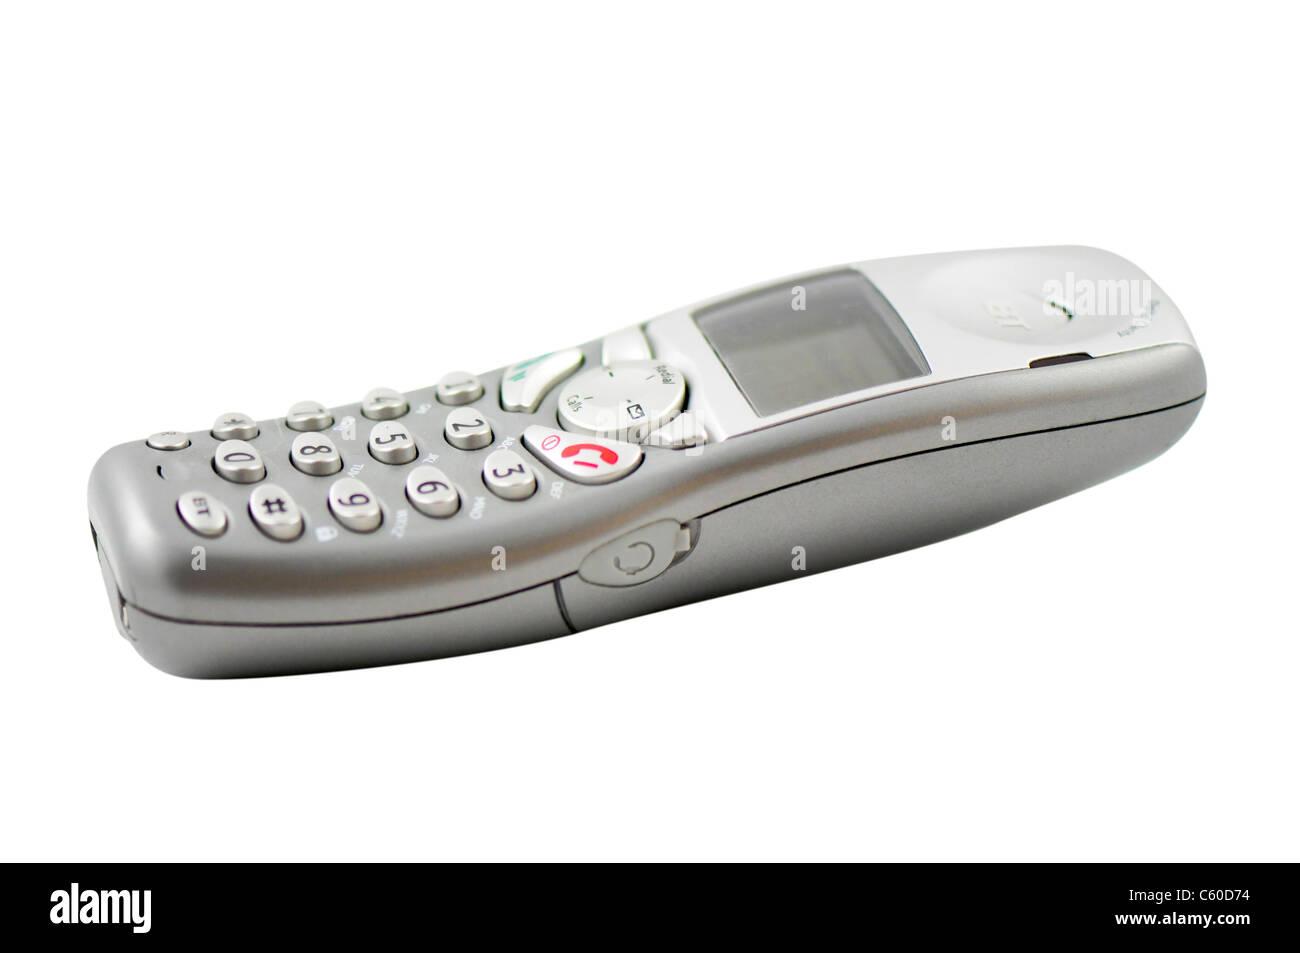 Cordless phone isolated on white background - Stock Image